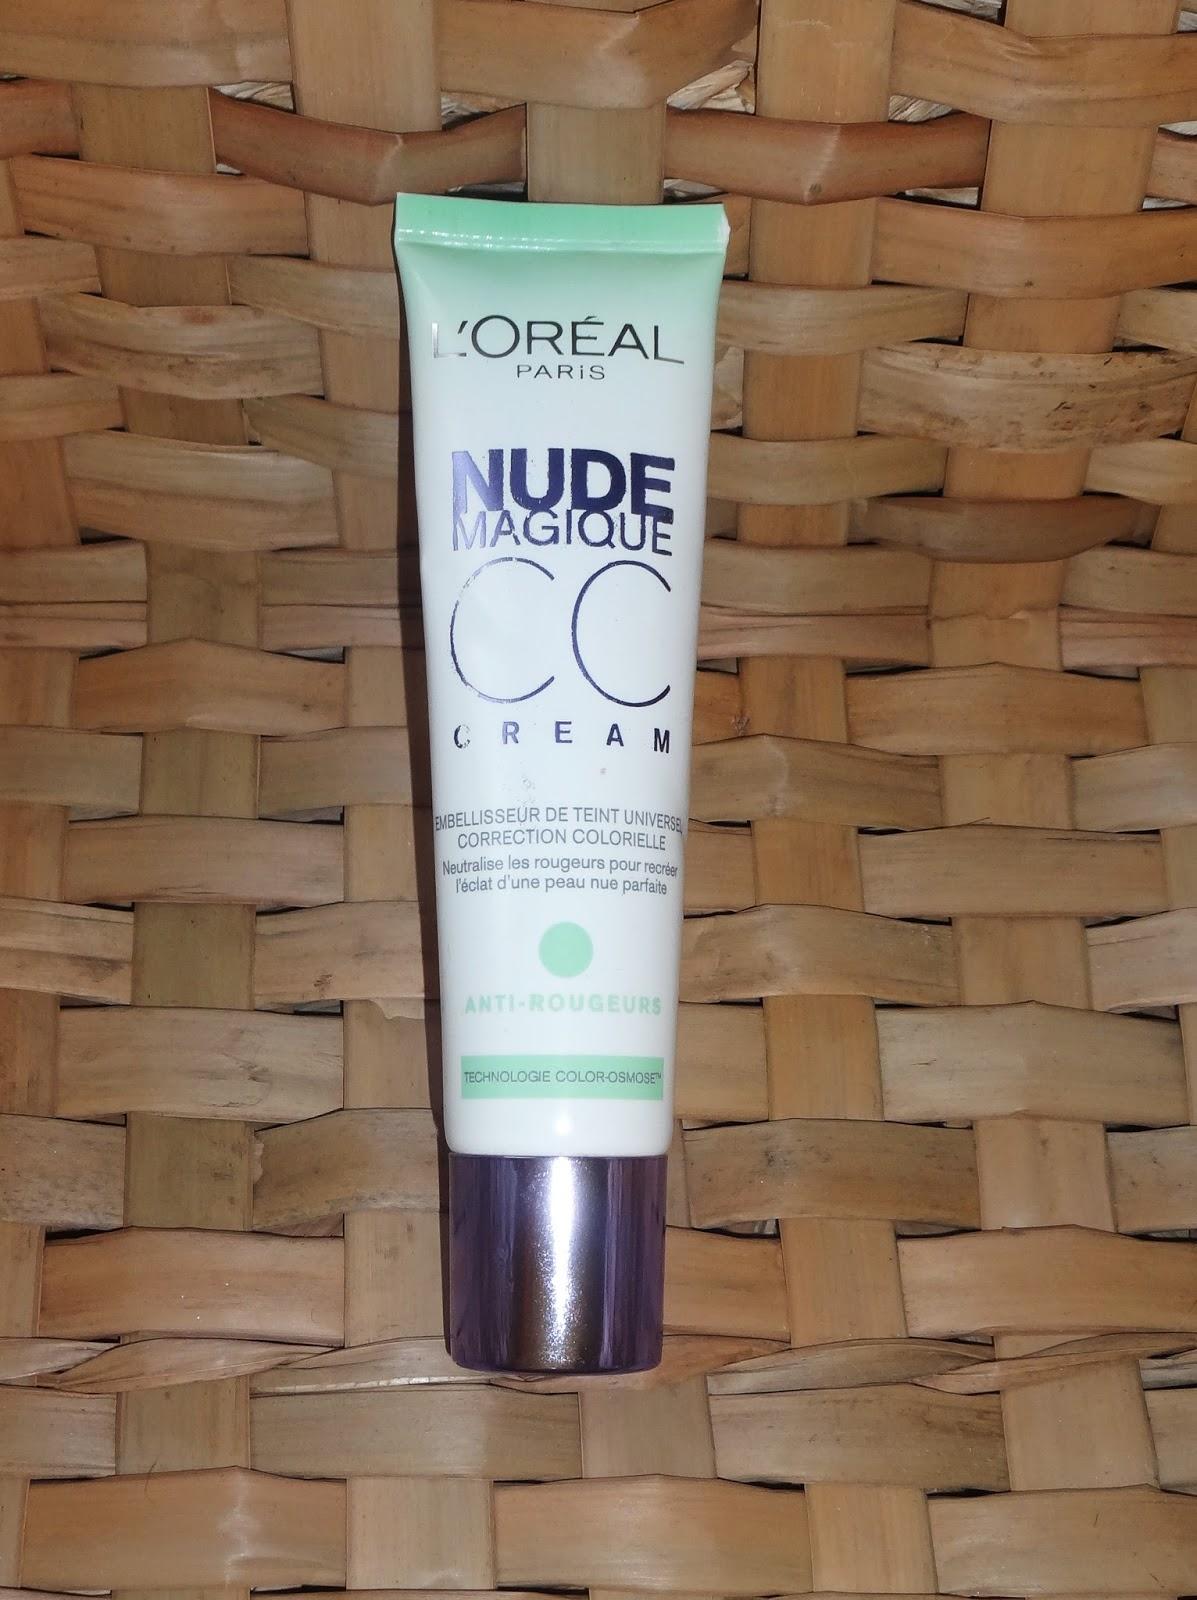 Jai testé pour vous la CC Cream Nude Magique anti